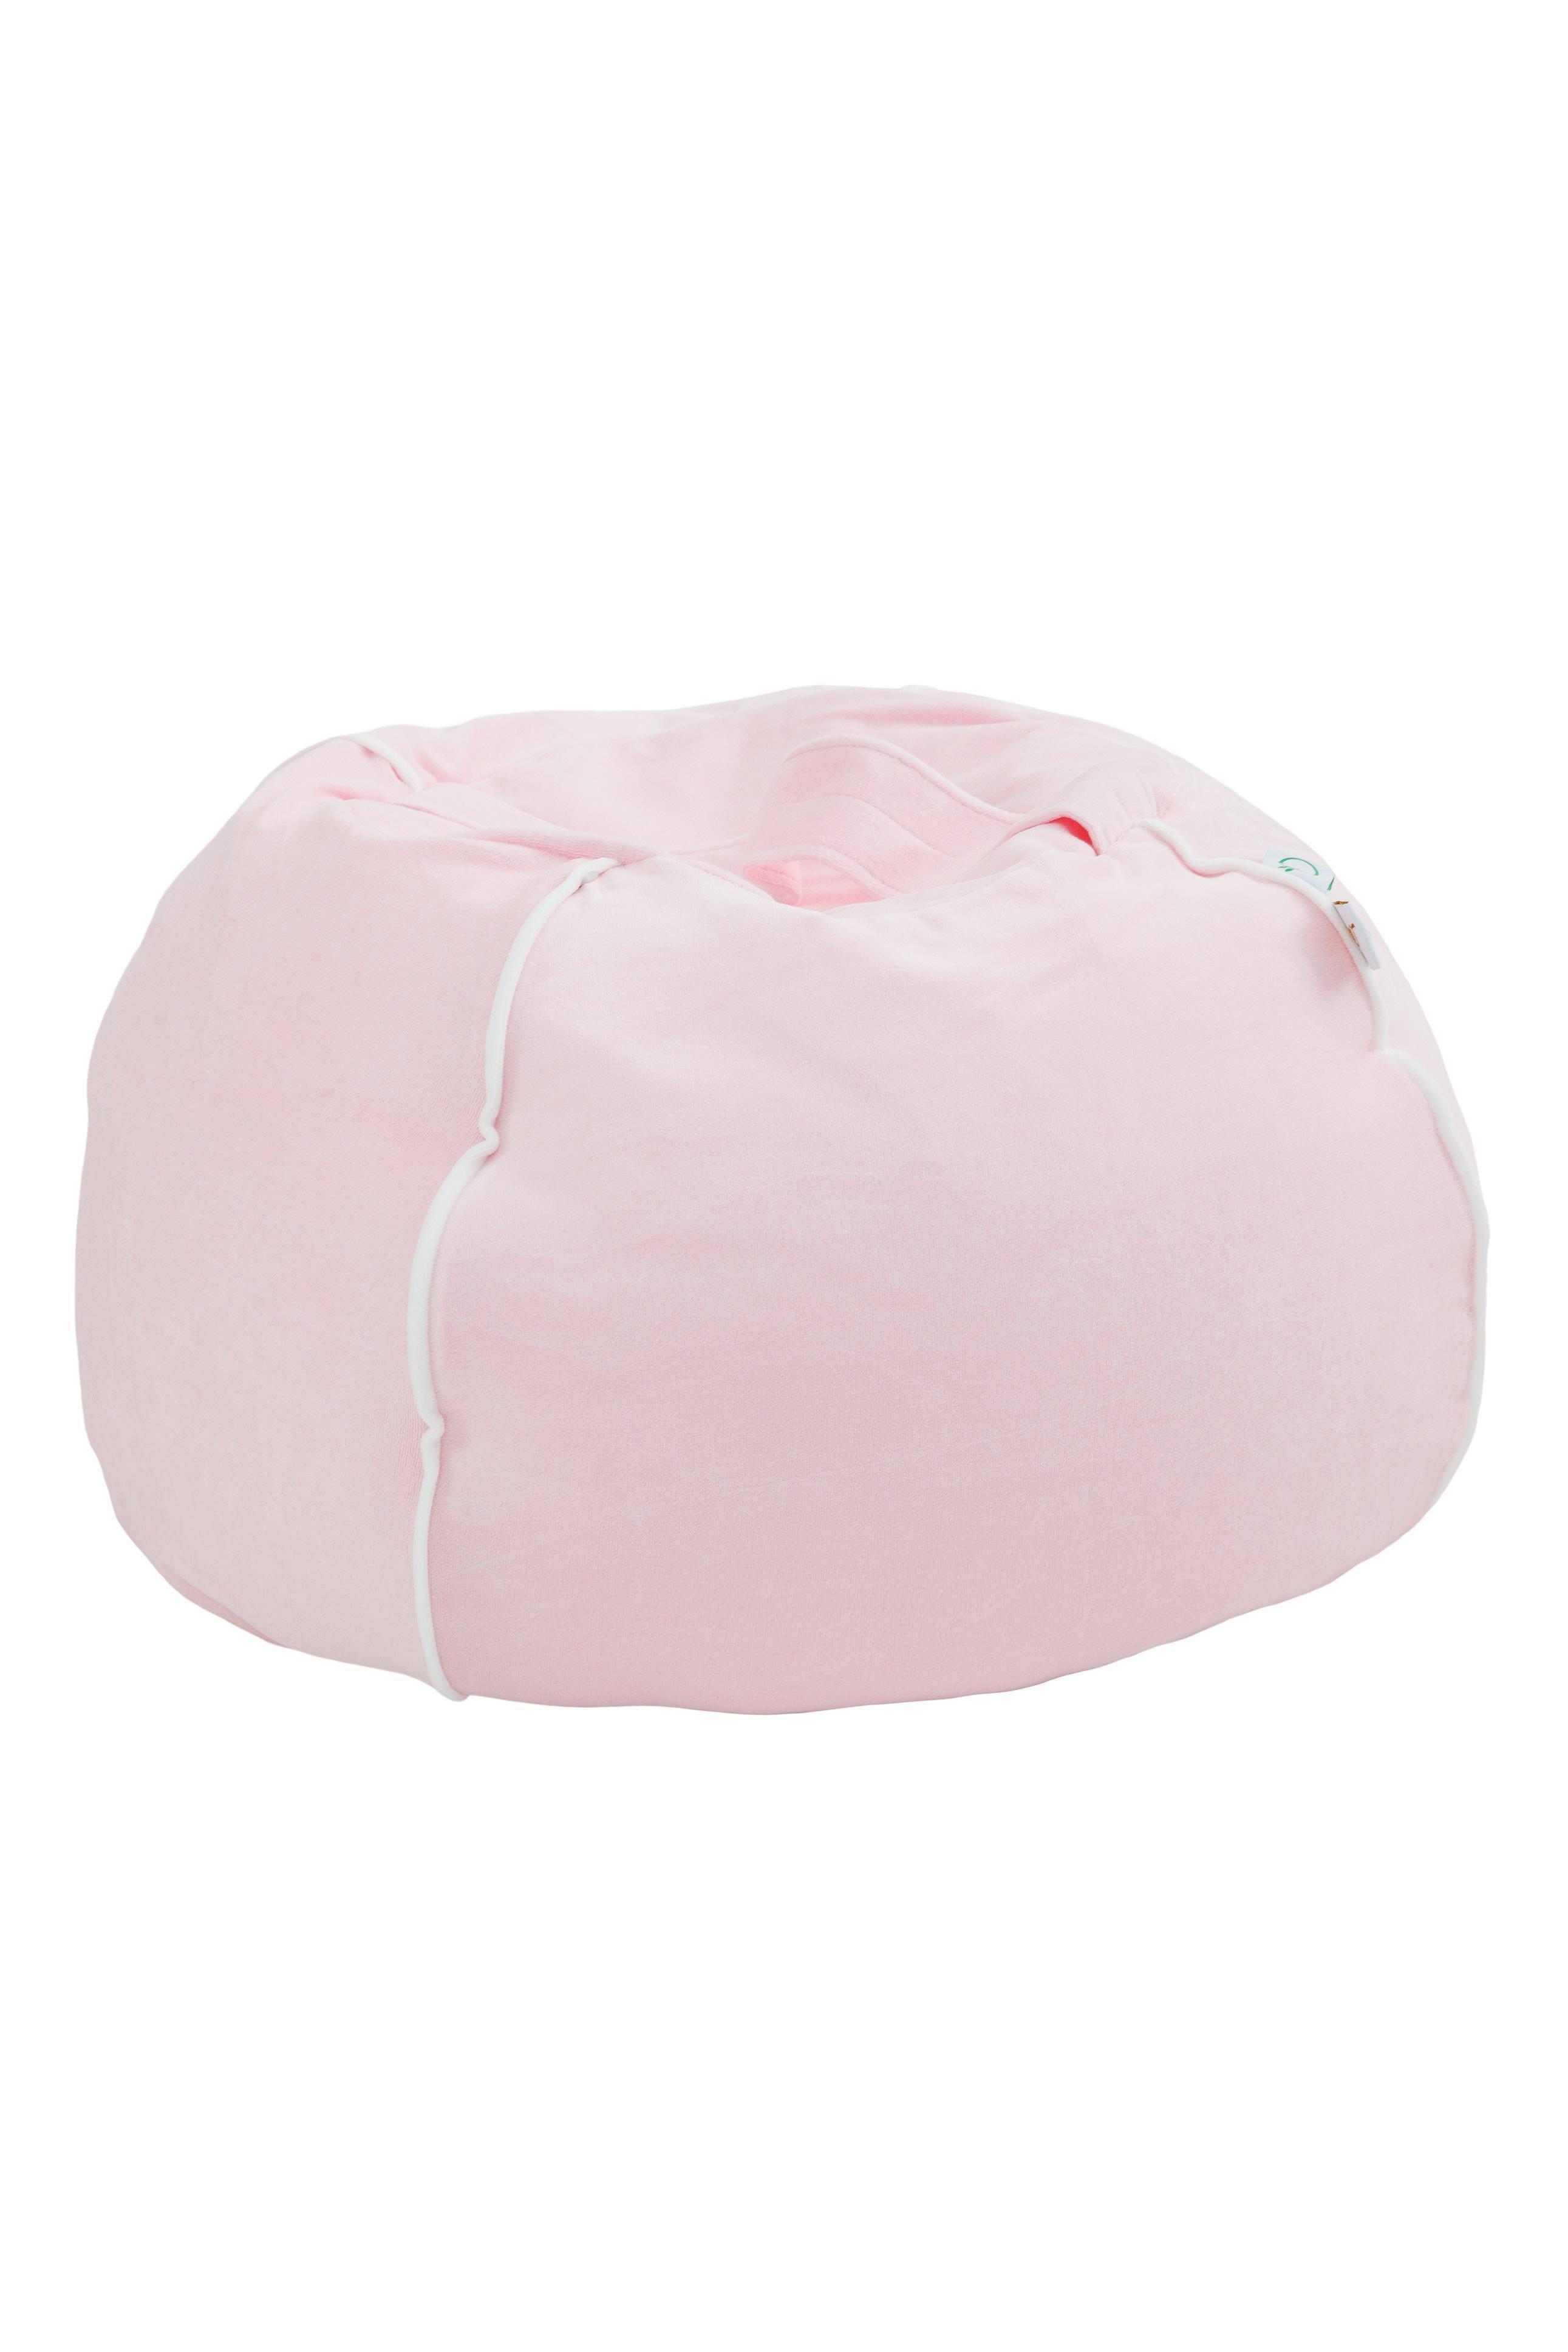 Samt Sitzsack Bubble rosa 70x35 cm